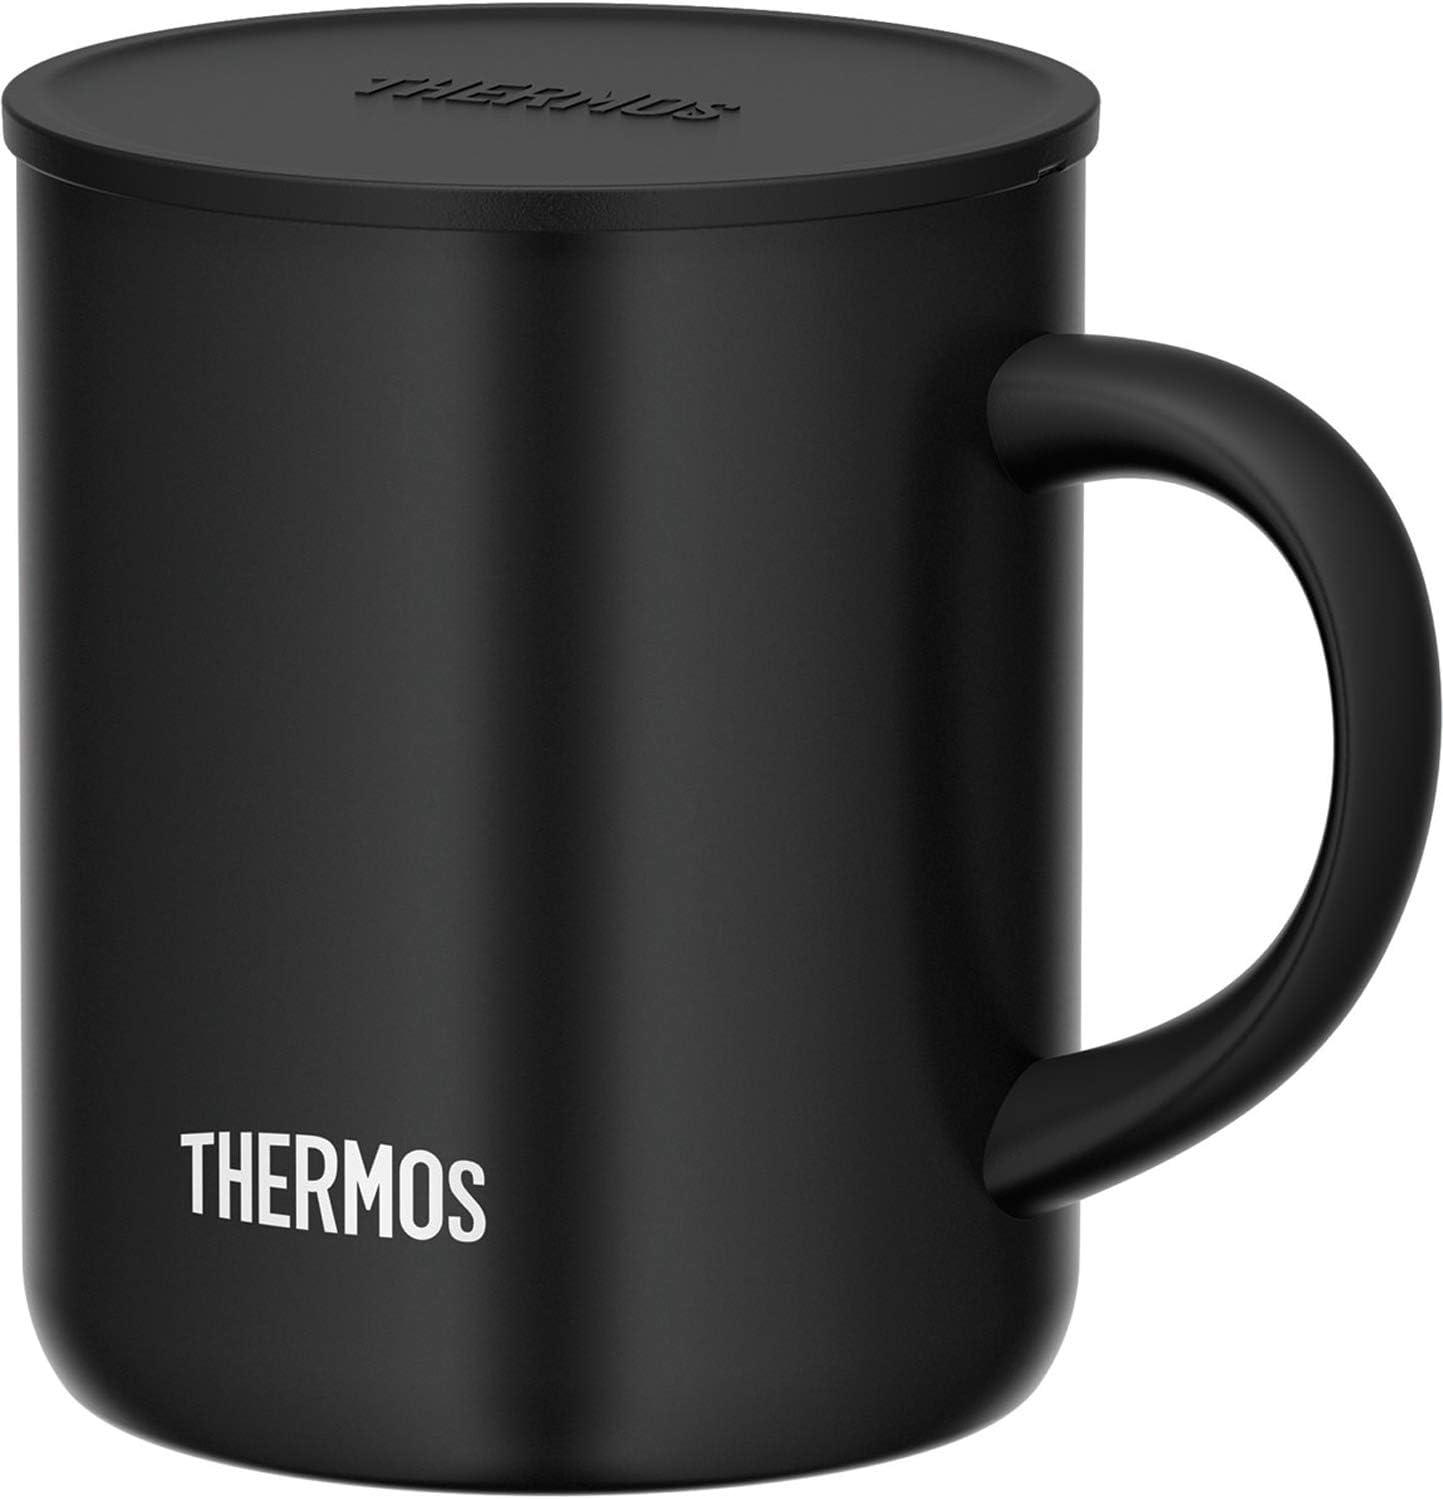 THERMOS 真空断熱マグカップ JDG-350